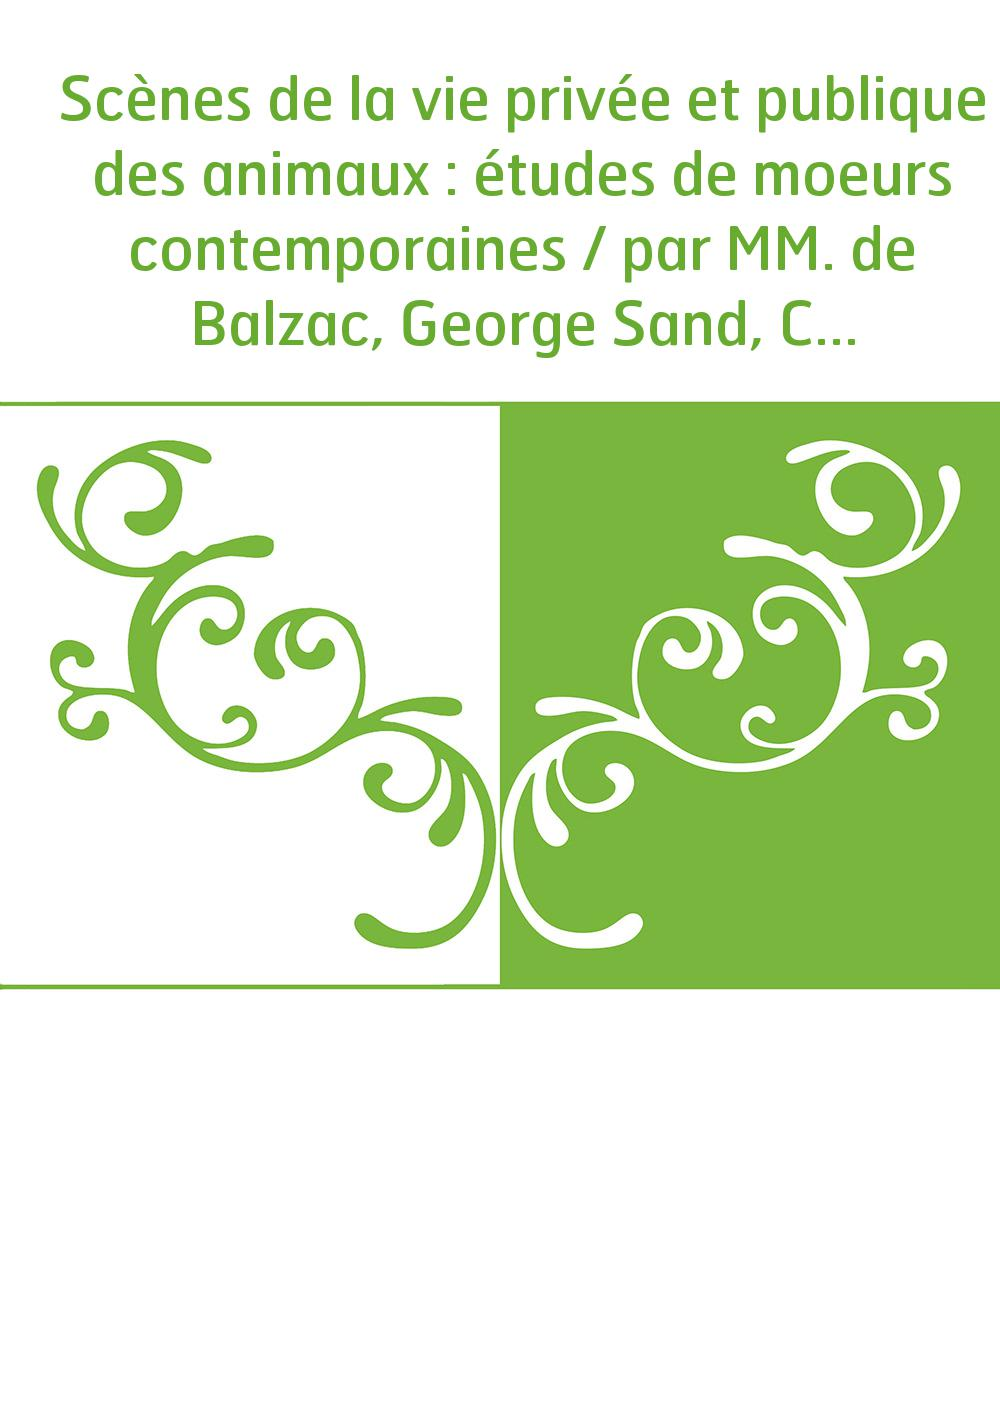 Scènes de la vie privée et publique des animaux : études de moeurs contemporaines / par MM. de Balzac, George Sand, Charles Nodi